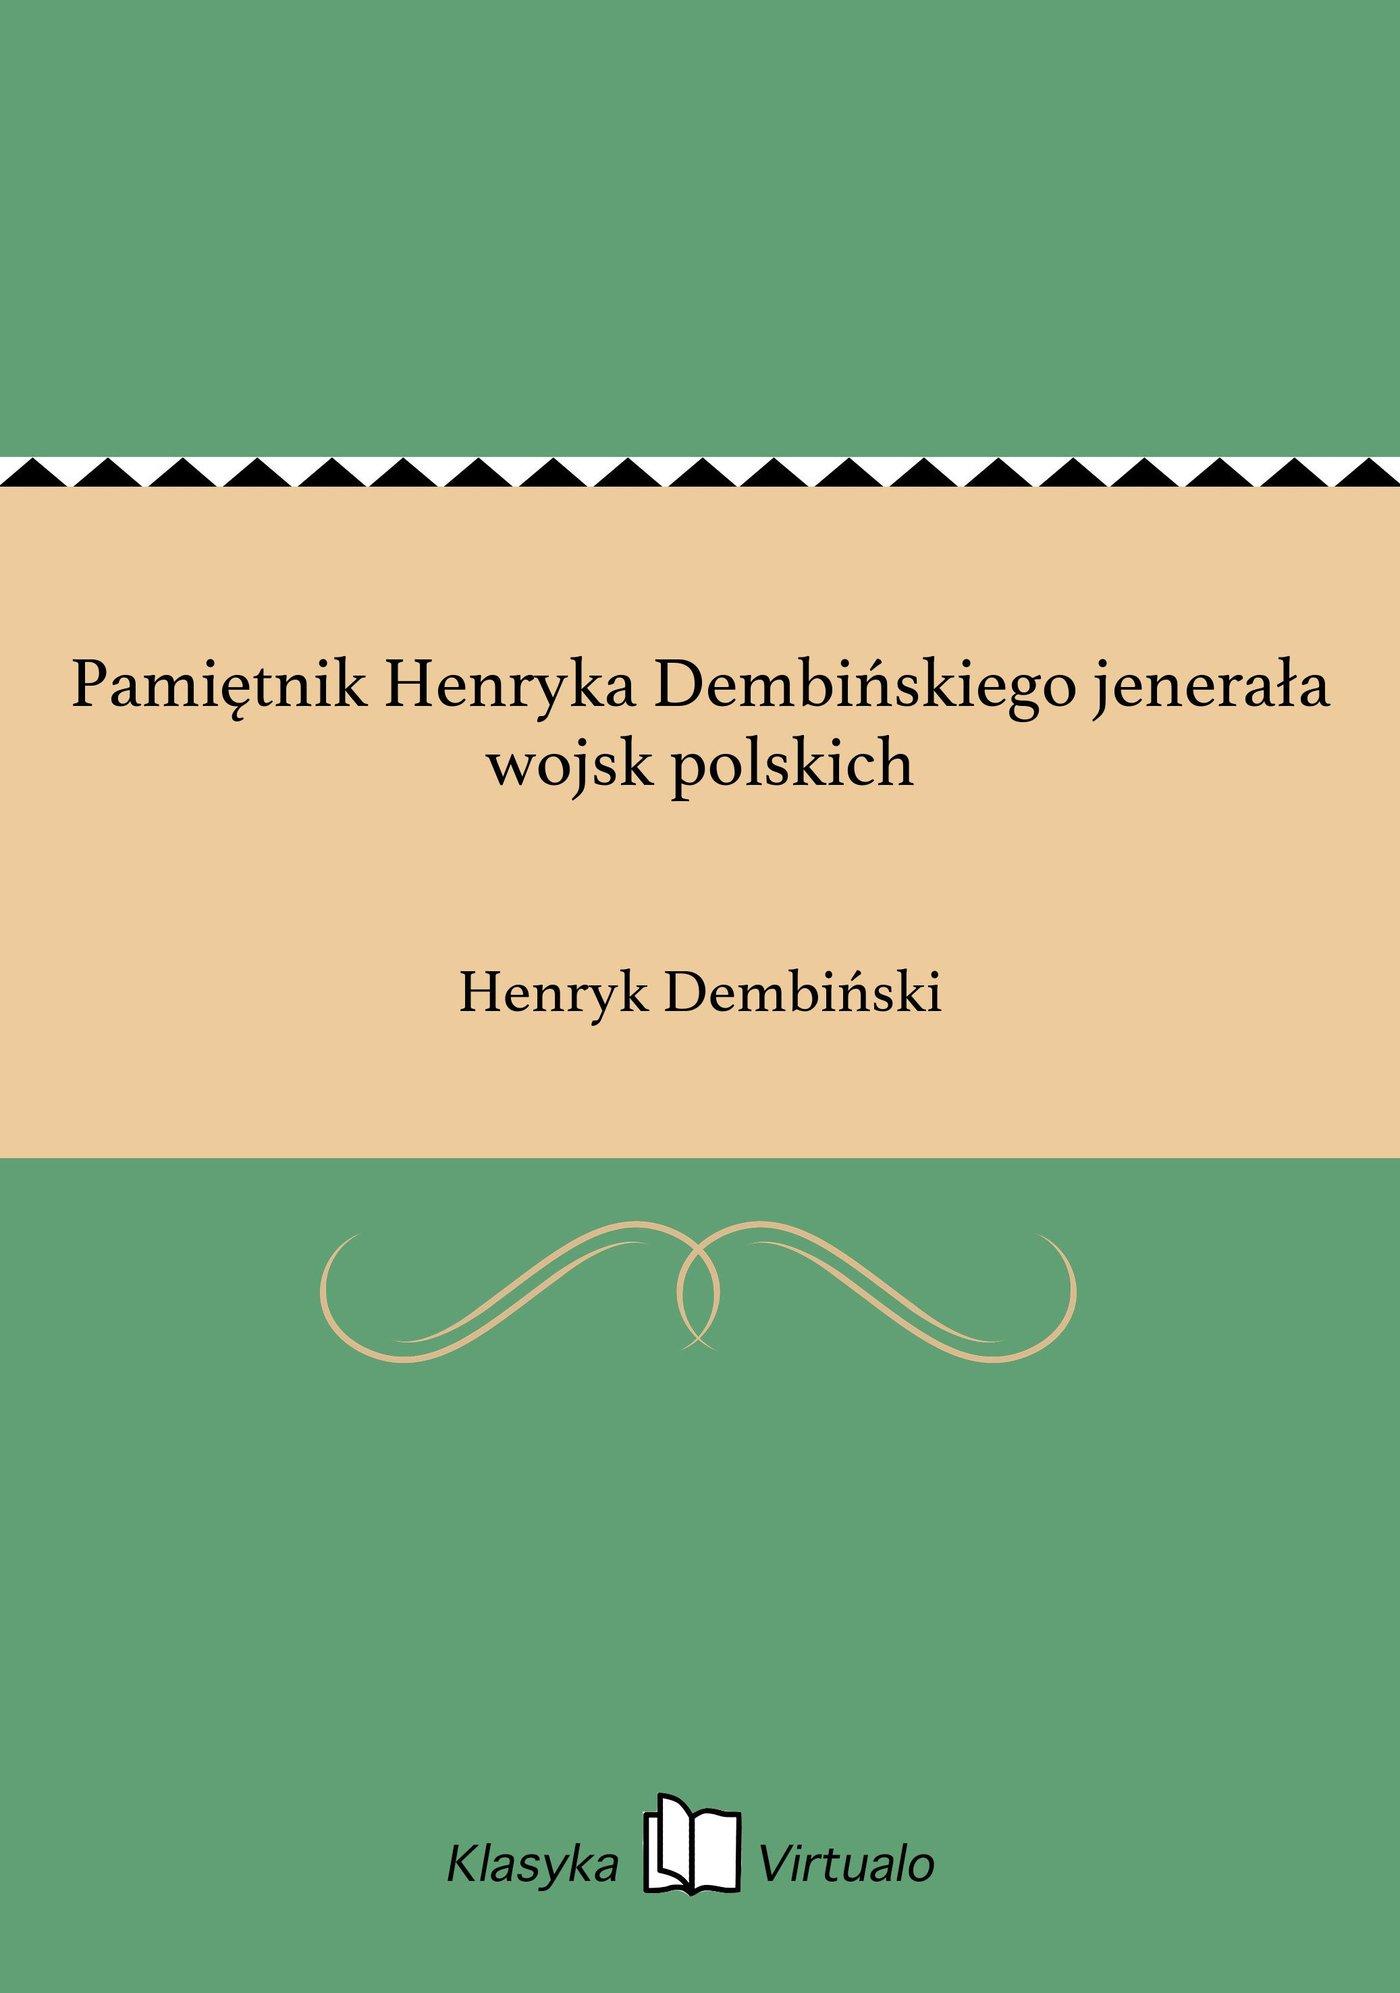 Pamiętnik Henryka Dembińskiego jenerała wojsk polskich - Ebook (Książka na Kindle) do pobrania w formacie MOBI